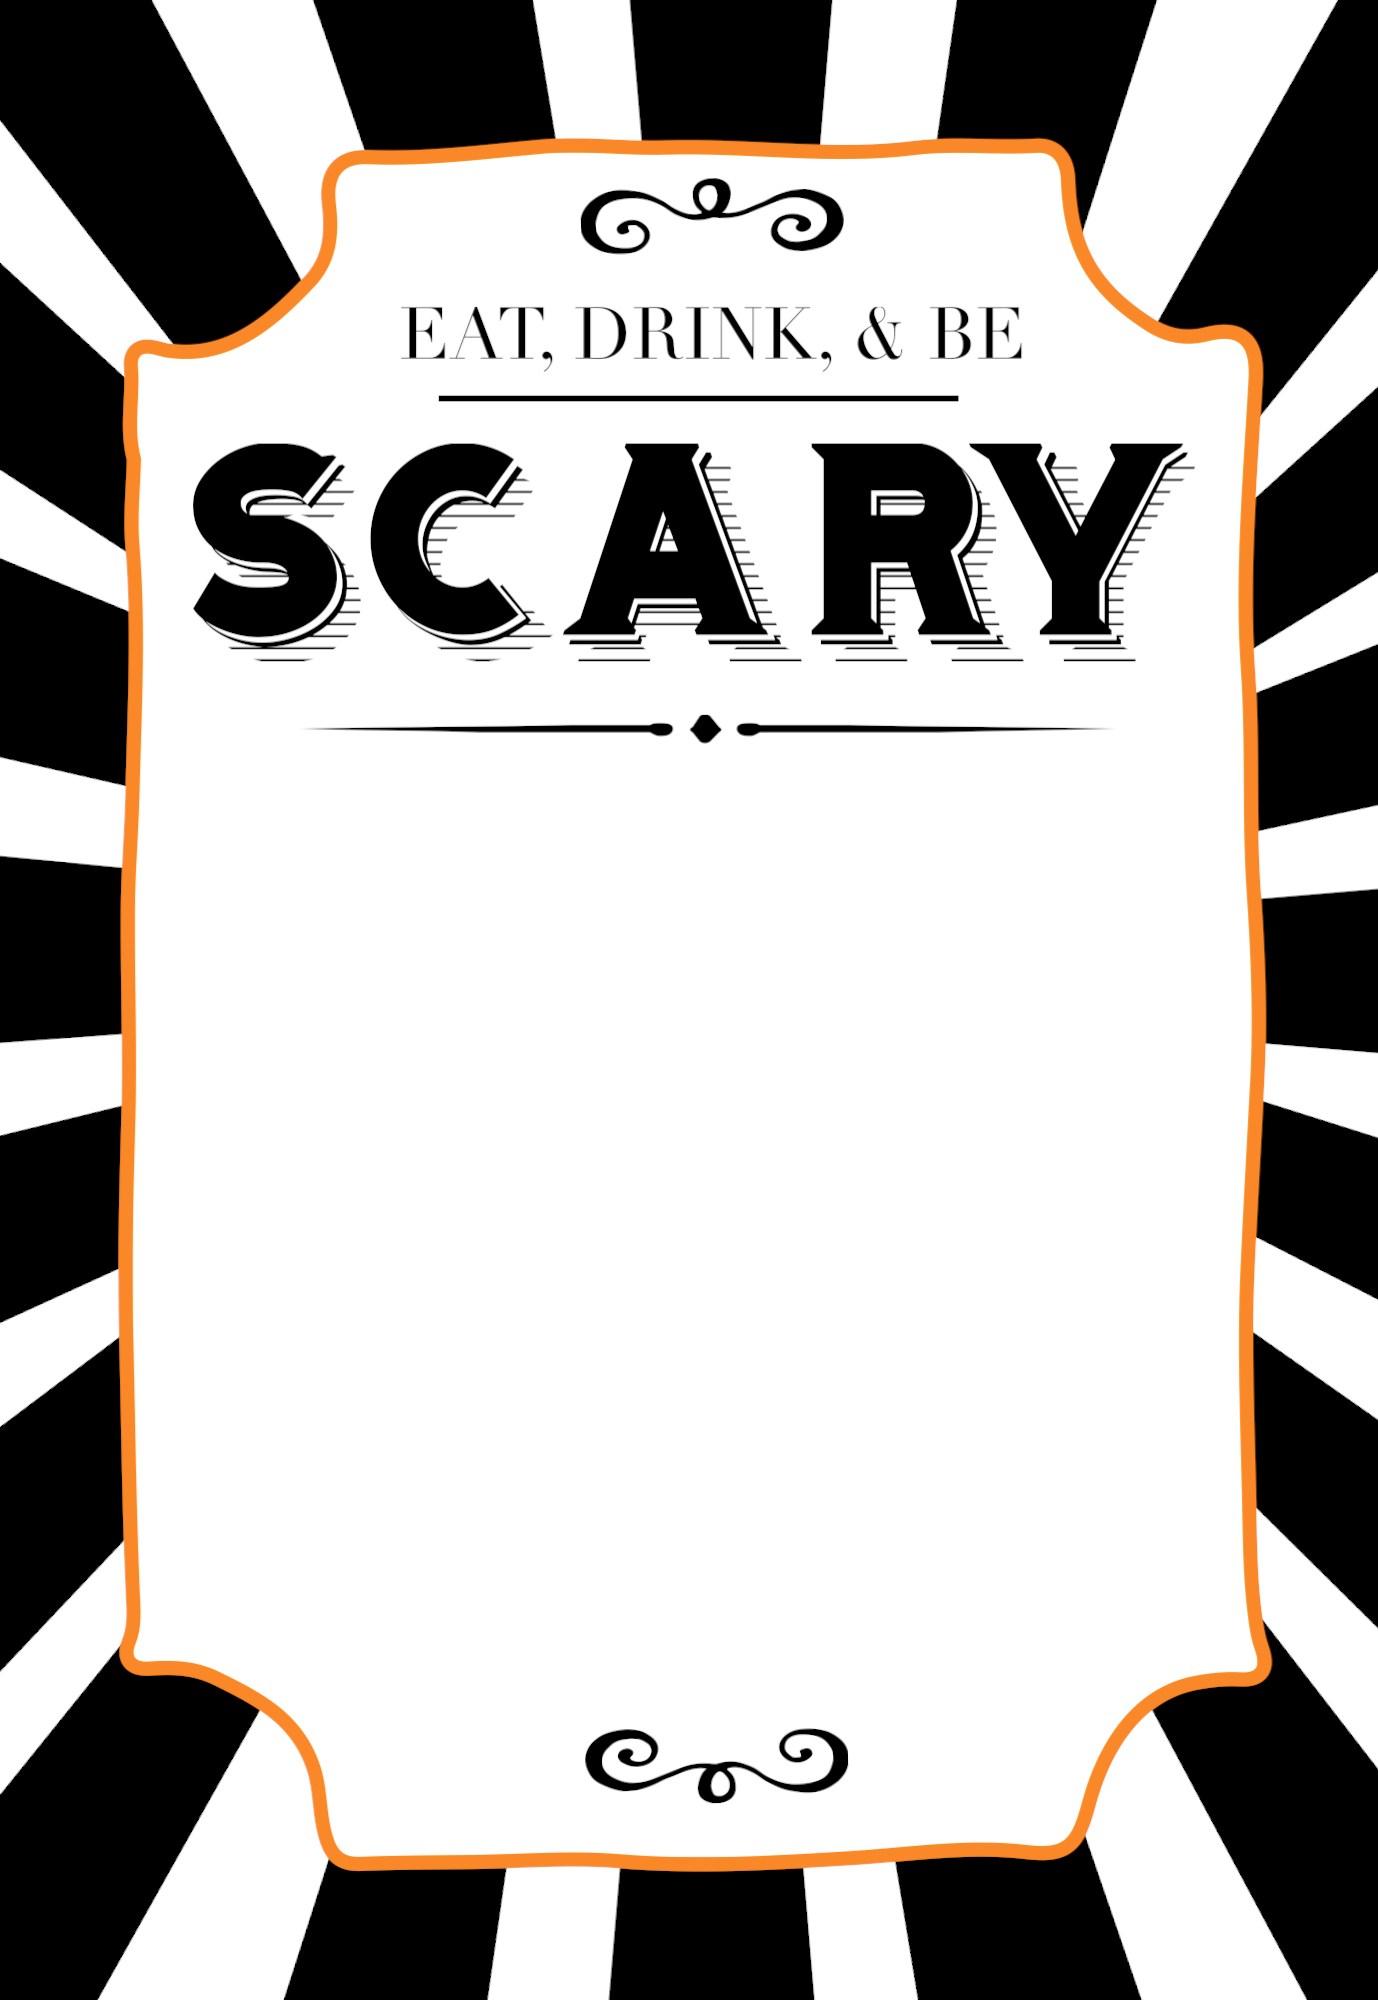 Free Printable Halloween Invitation Templates Free Printable Free - Free Printable Halloween Party Invitations